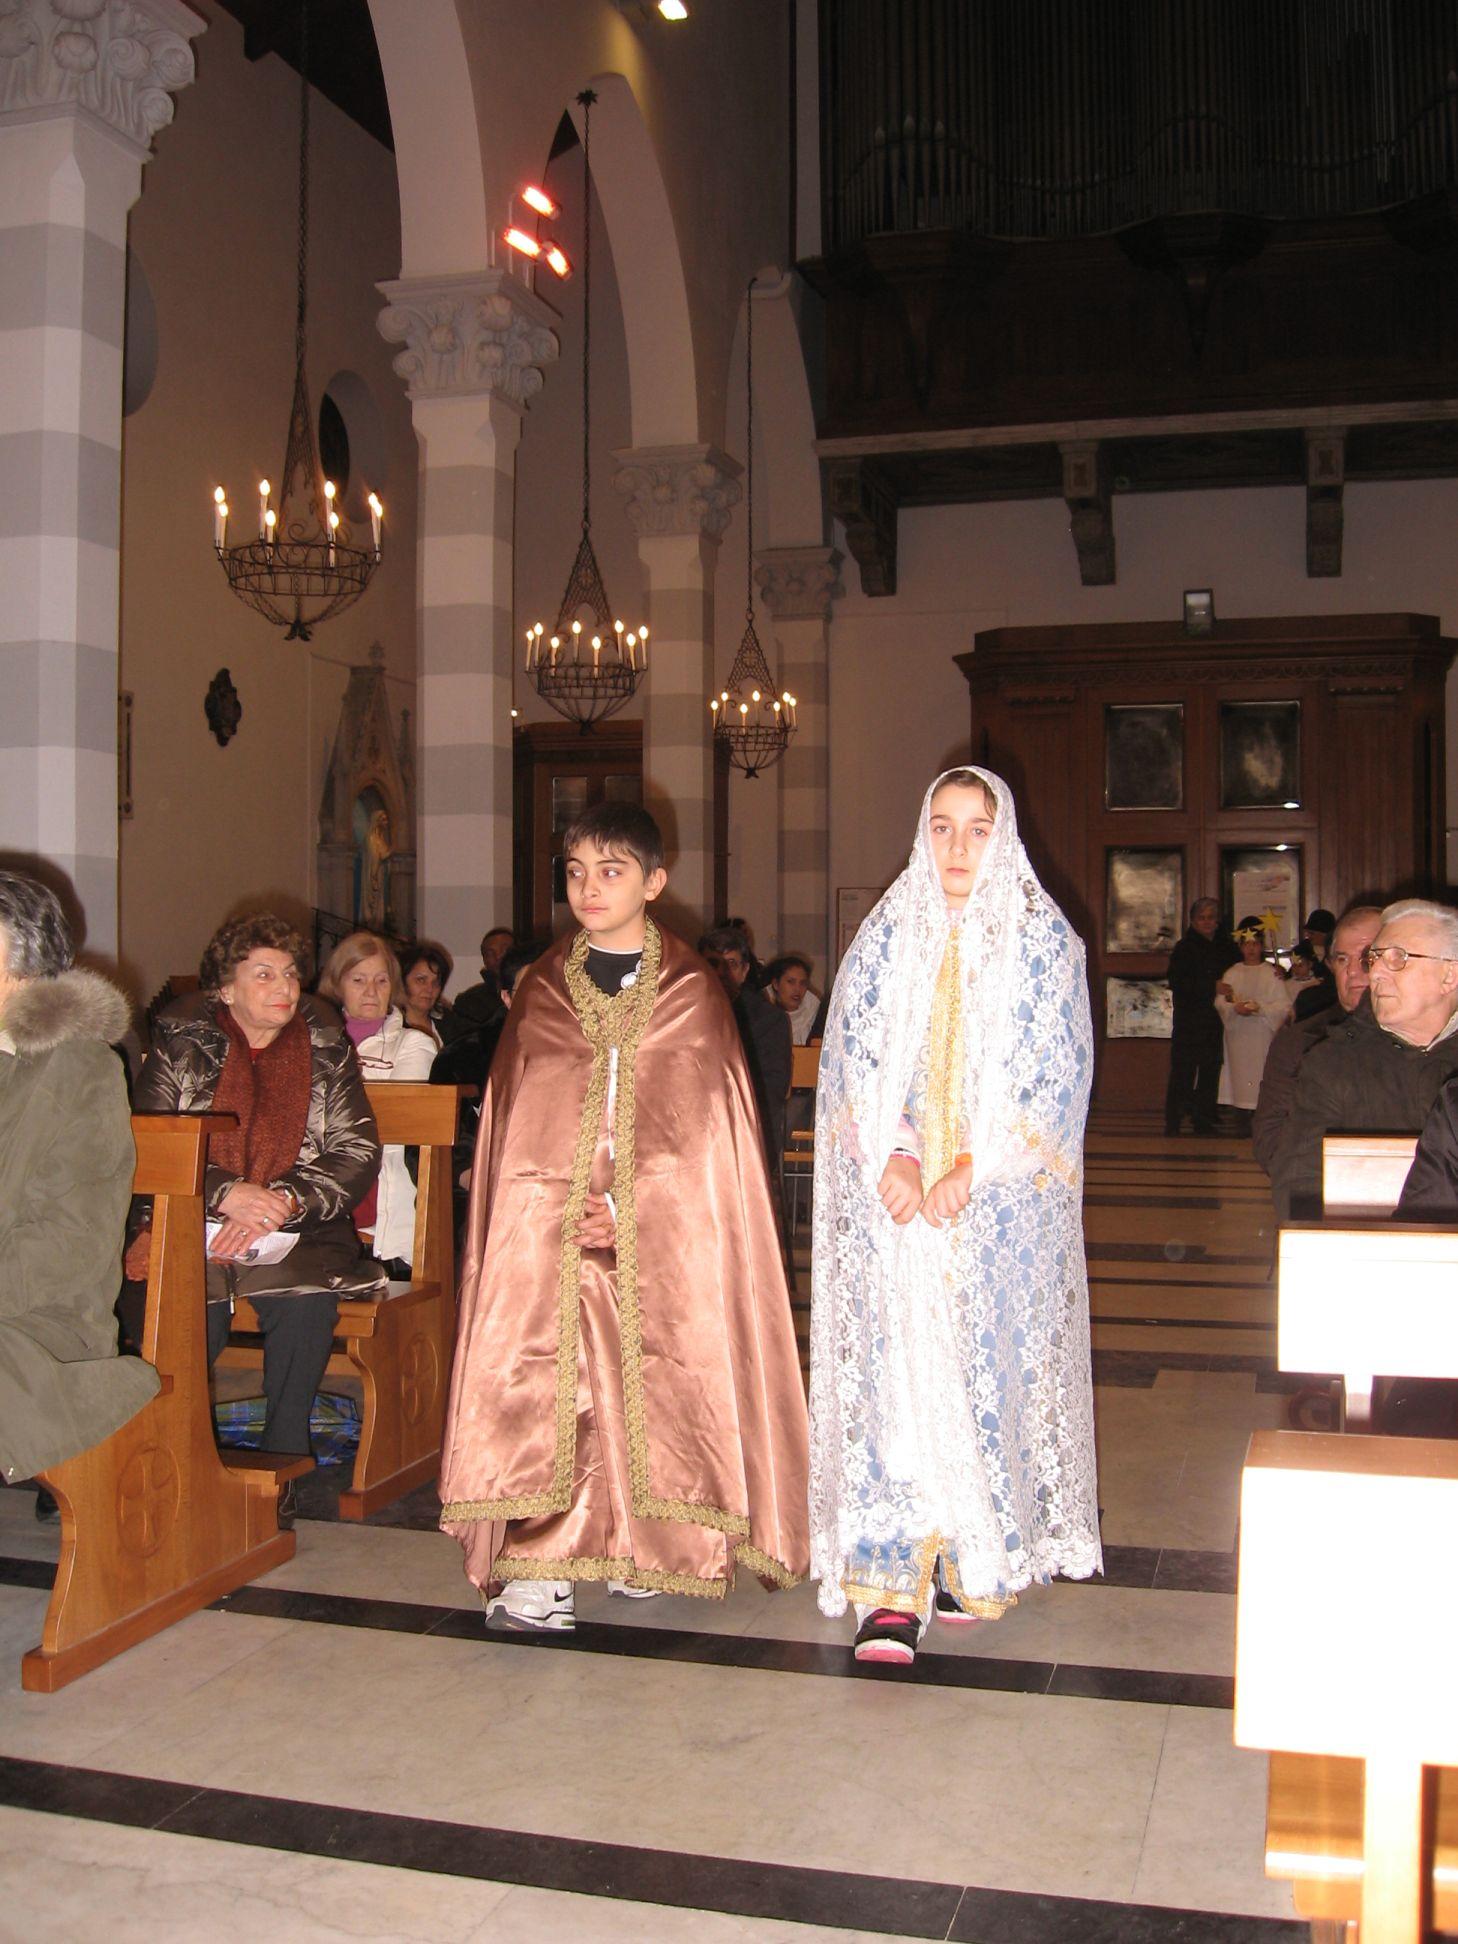 Recita_Natale-2009-12-24--23.51.27